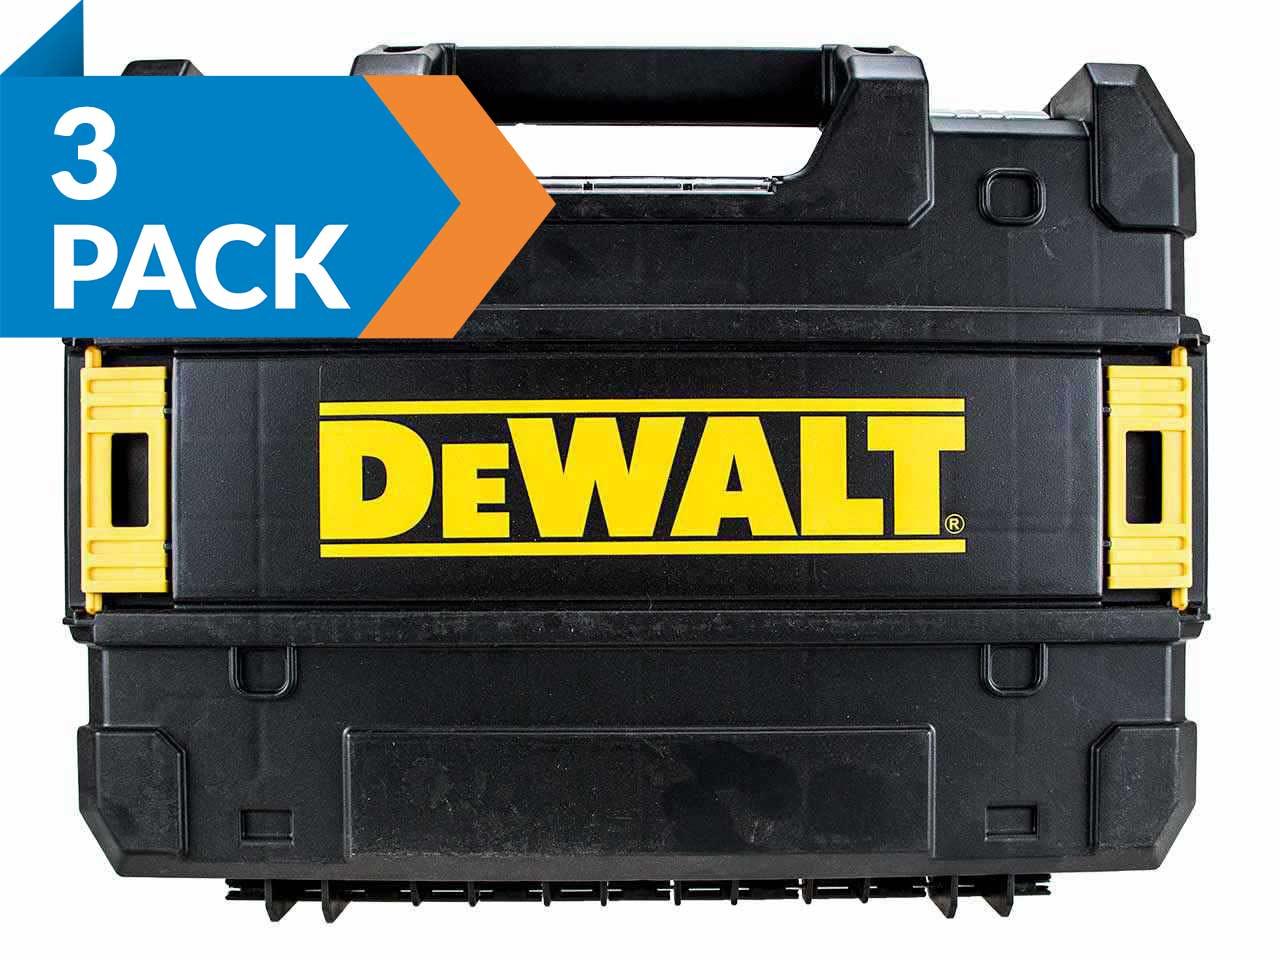 Dewalt_N506511x3_A.jpg